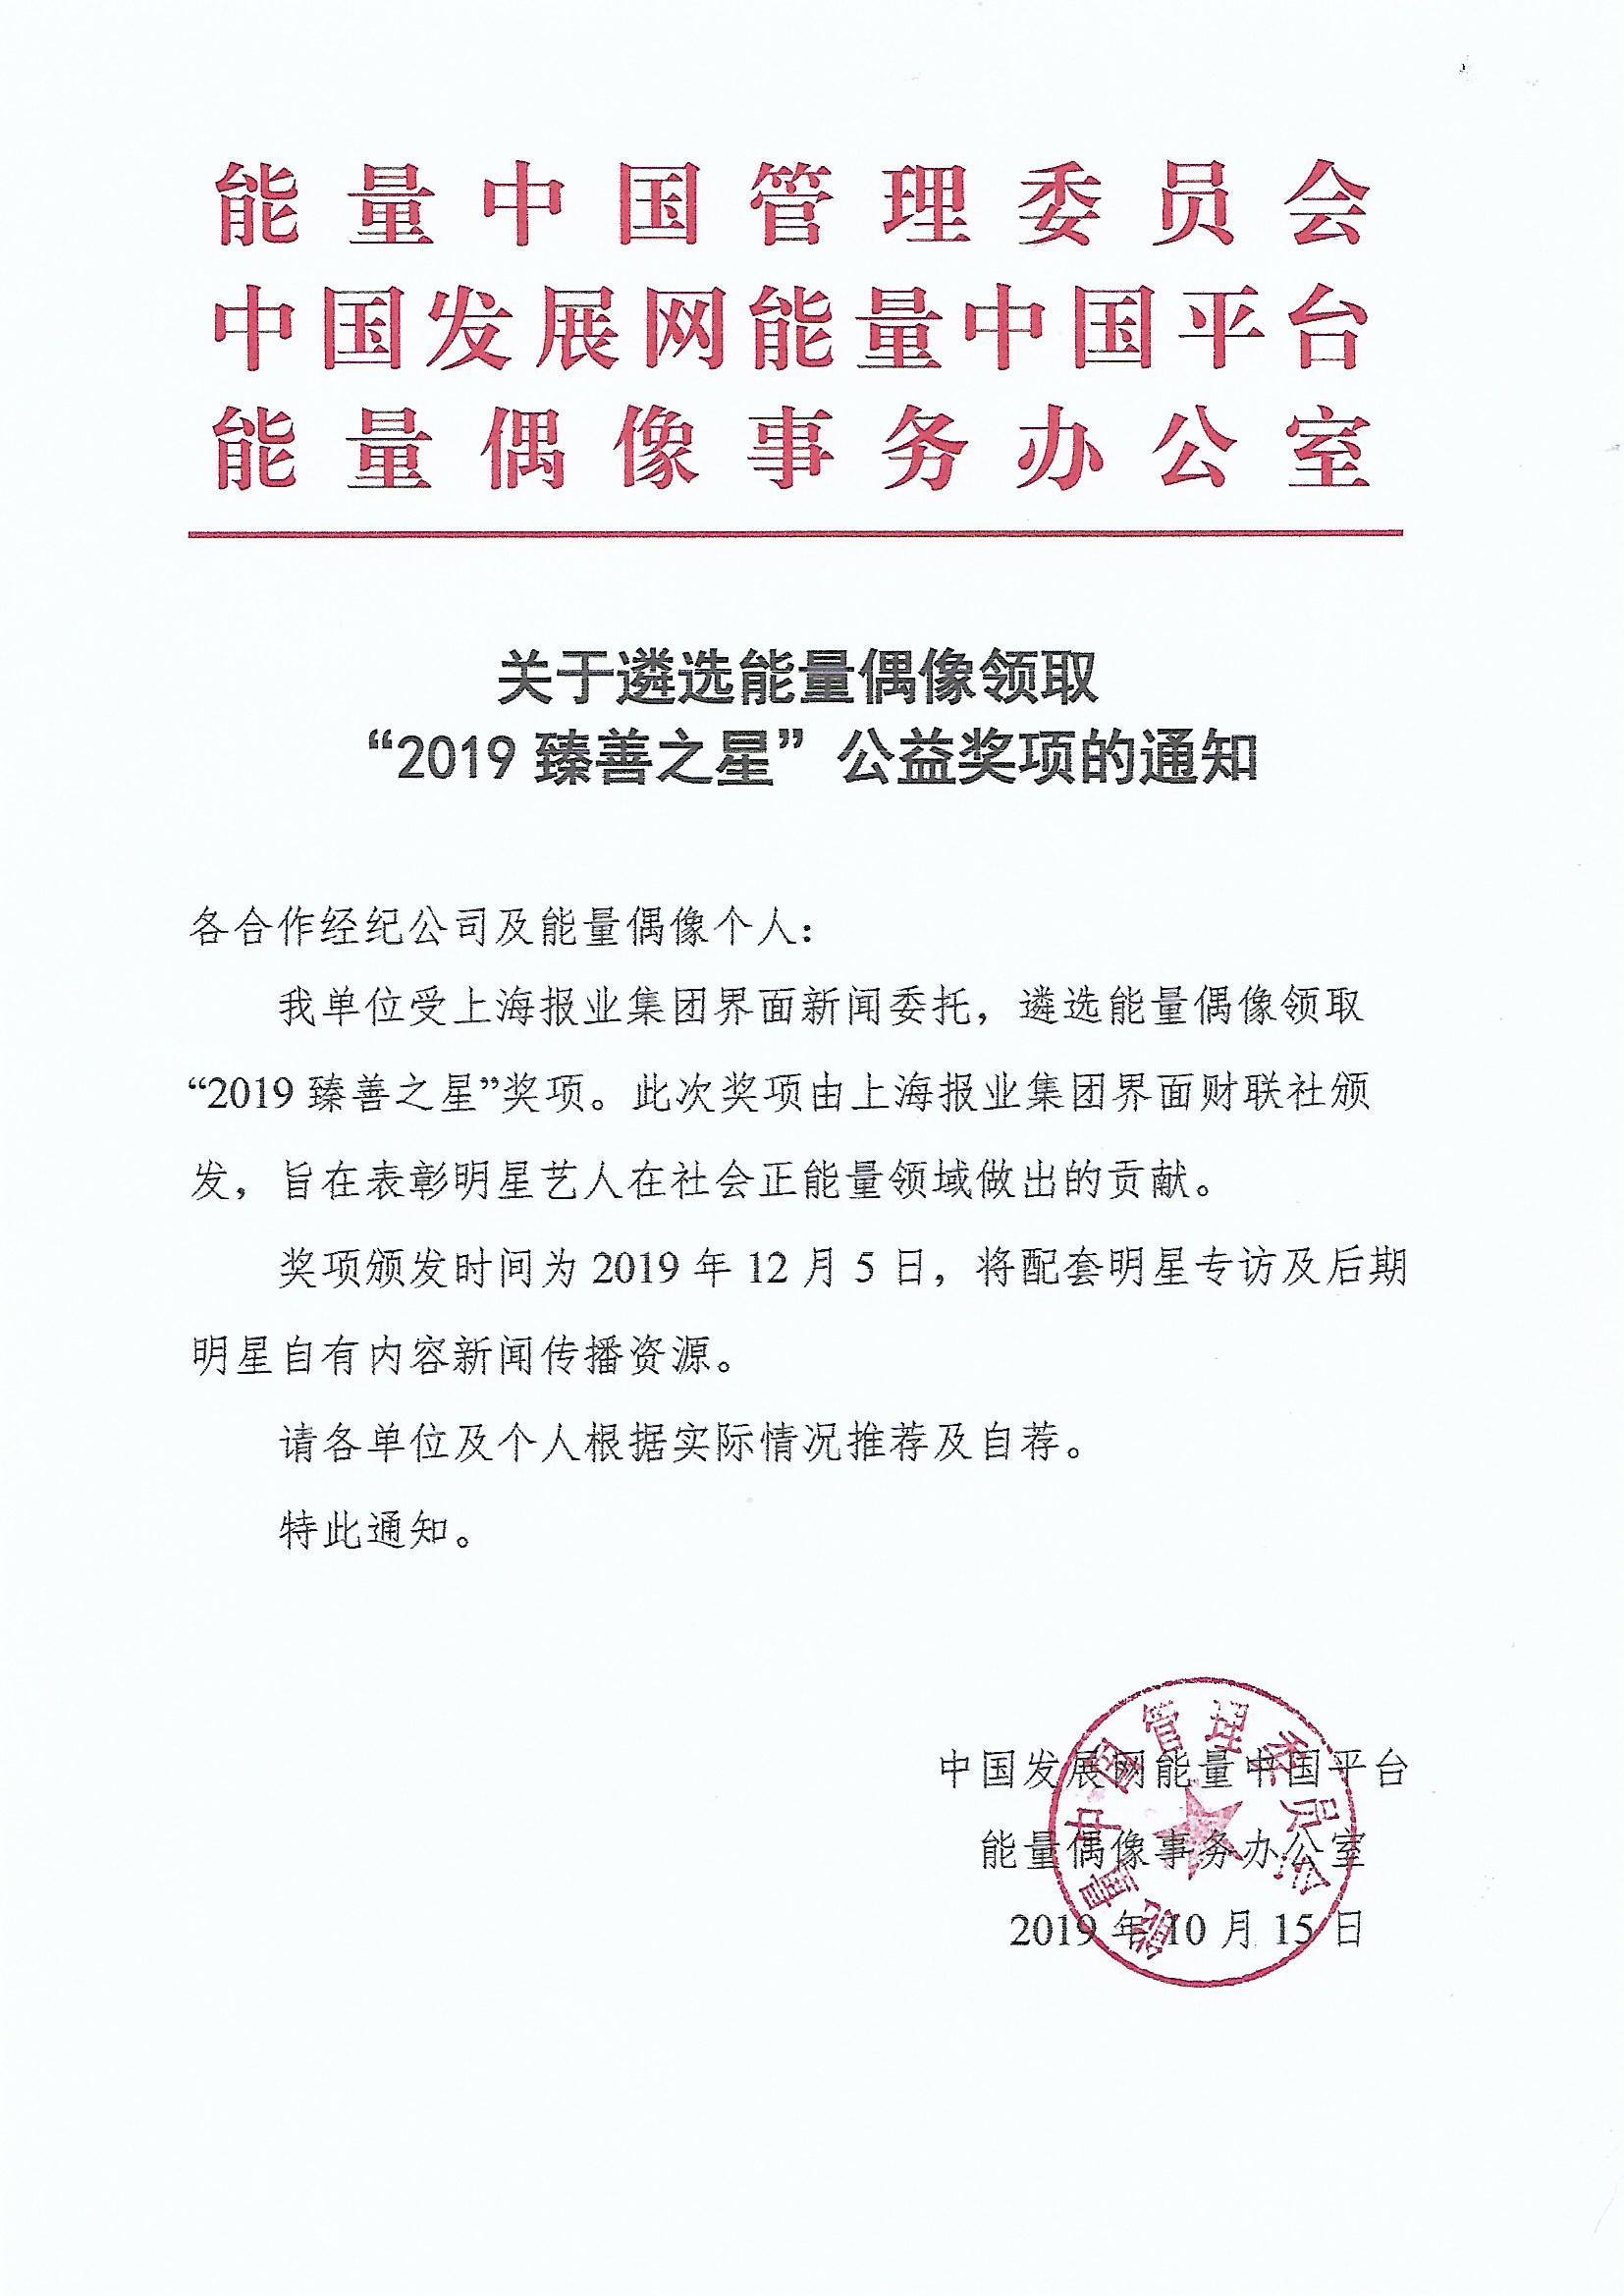 """关于遴选能量偶像领取""""2019臻善之星""""公益奖项的通知"""